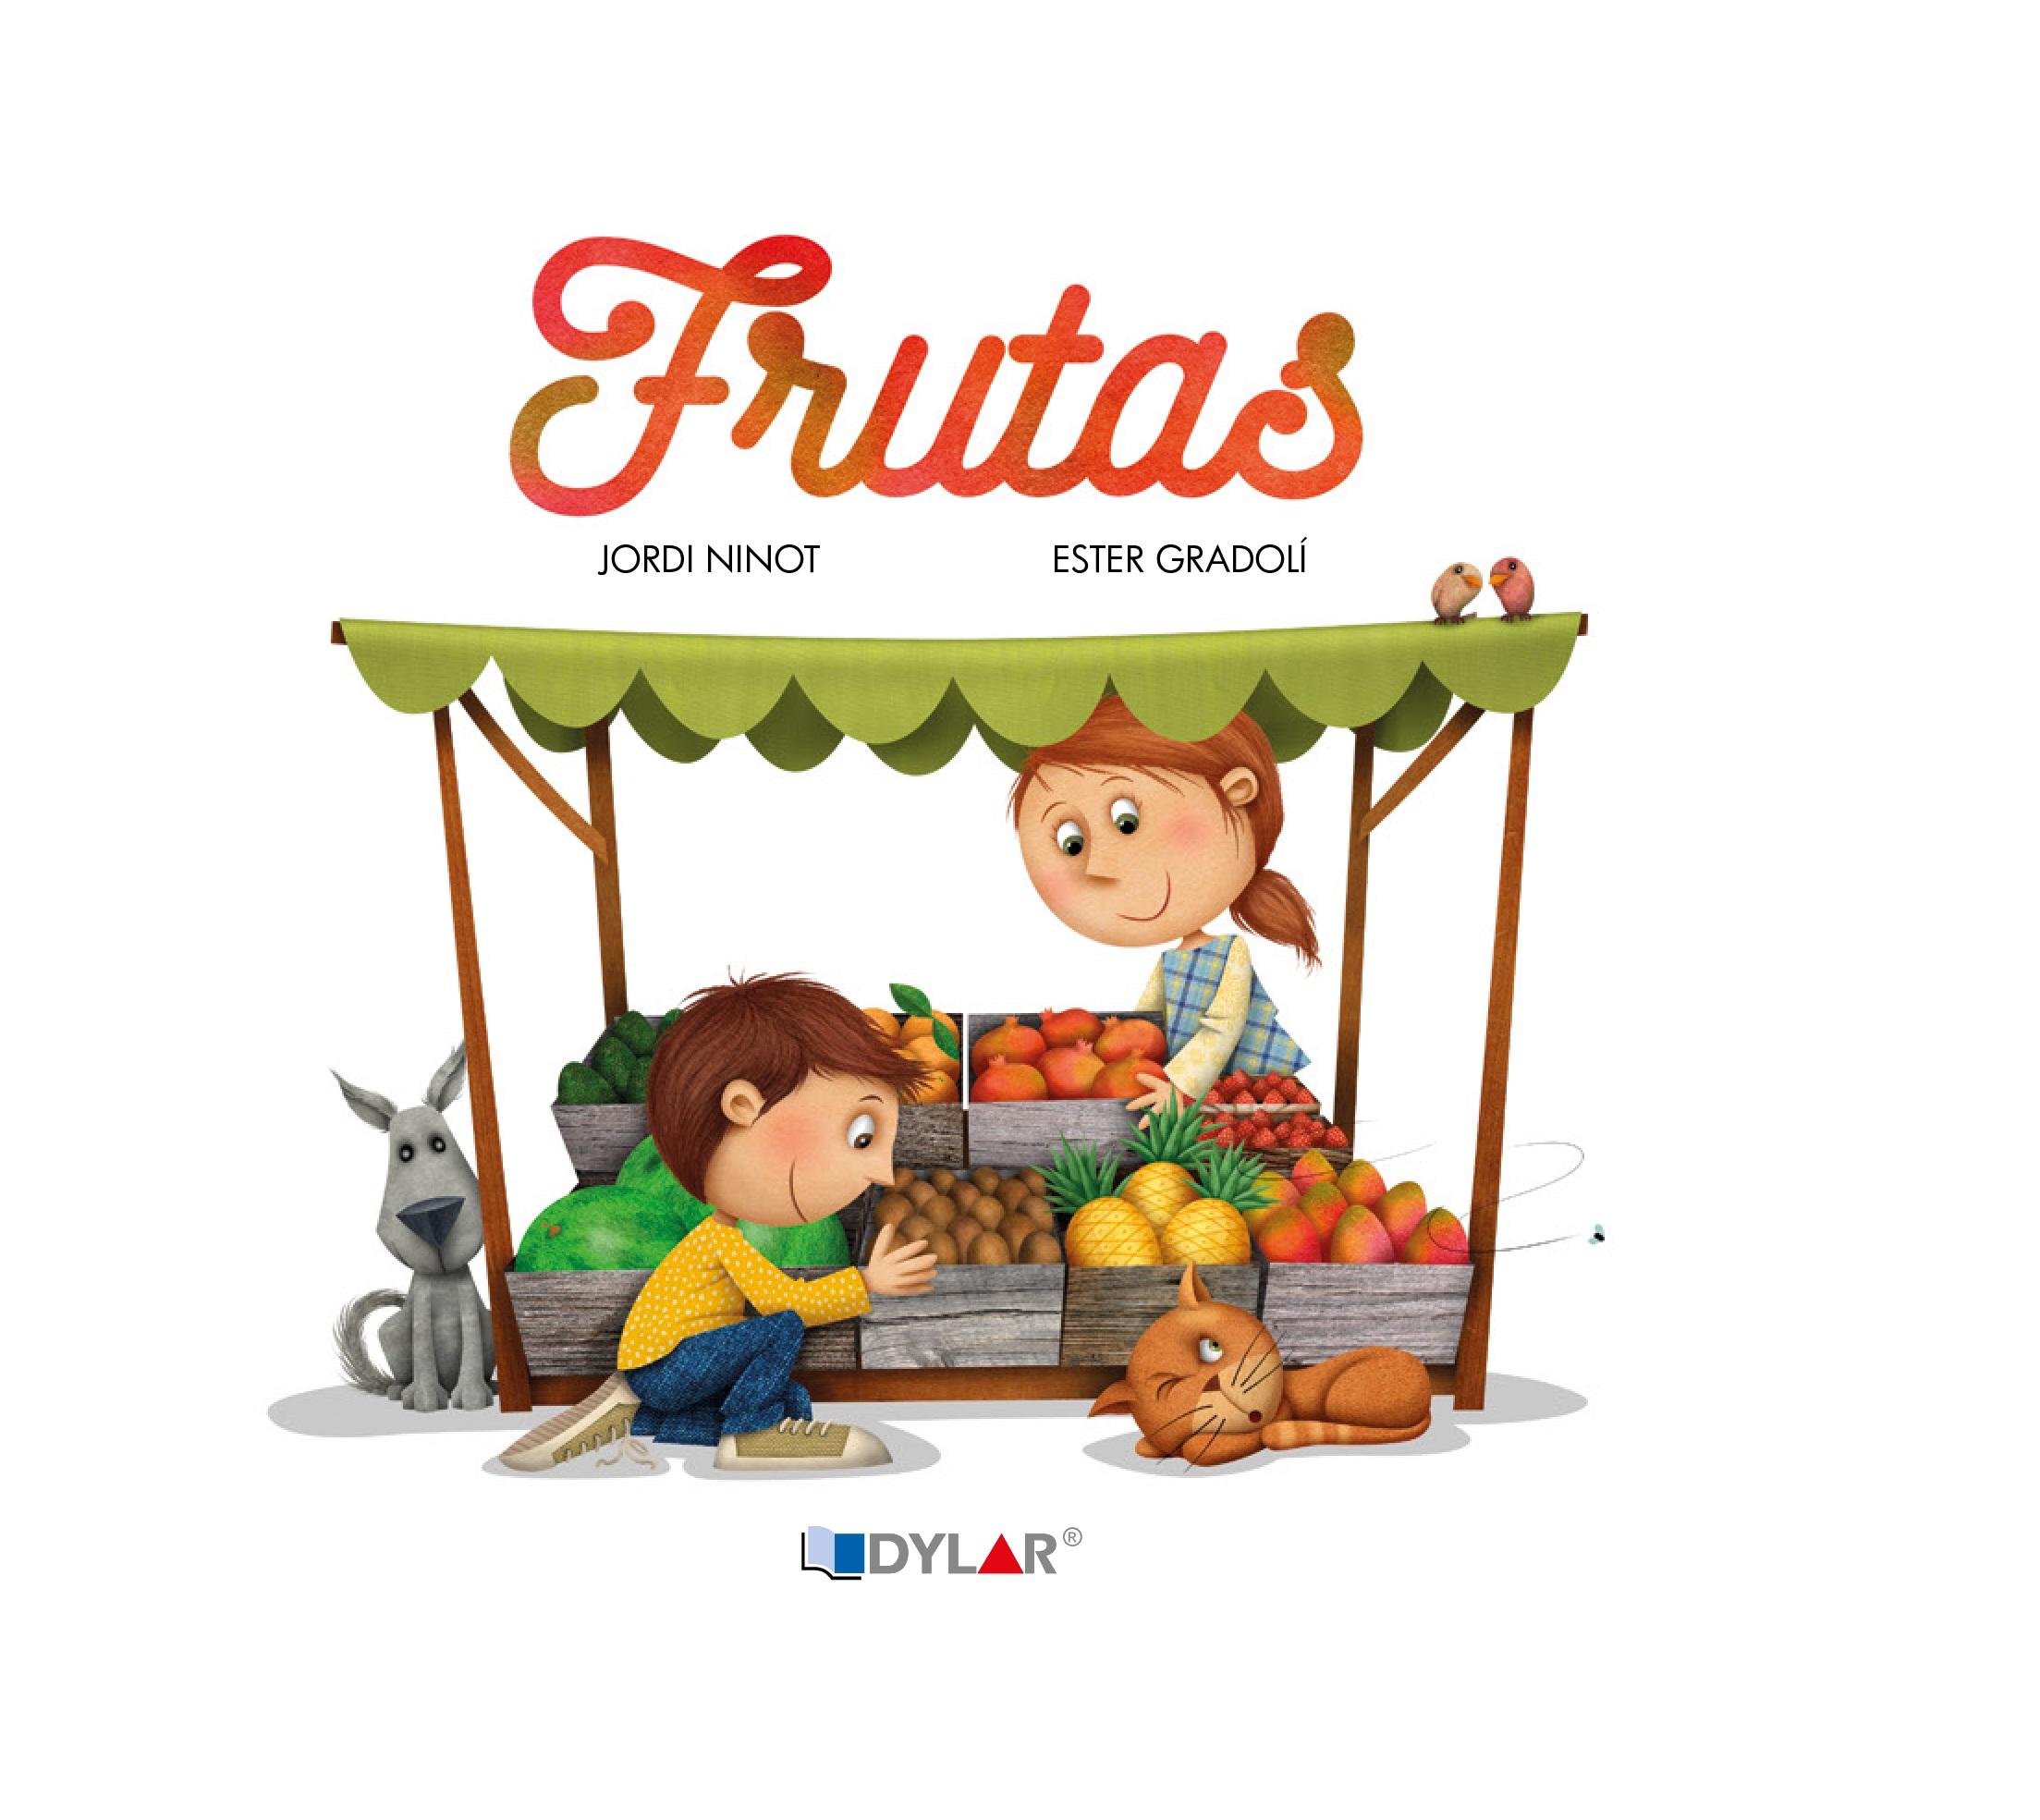 http://www.dylarediciones.com/uploads/libros/826/docs/FRUTAS%20MUESTRA.pdf